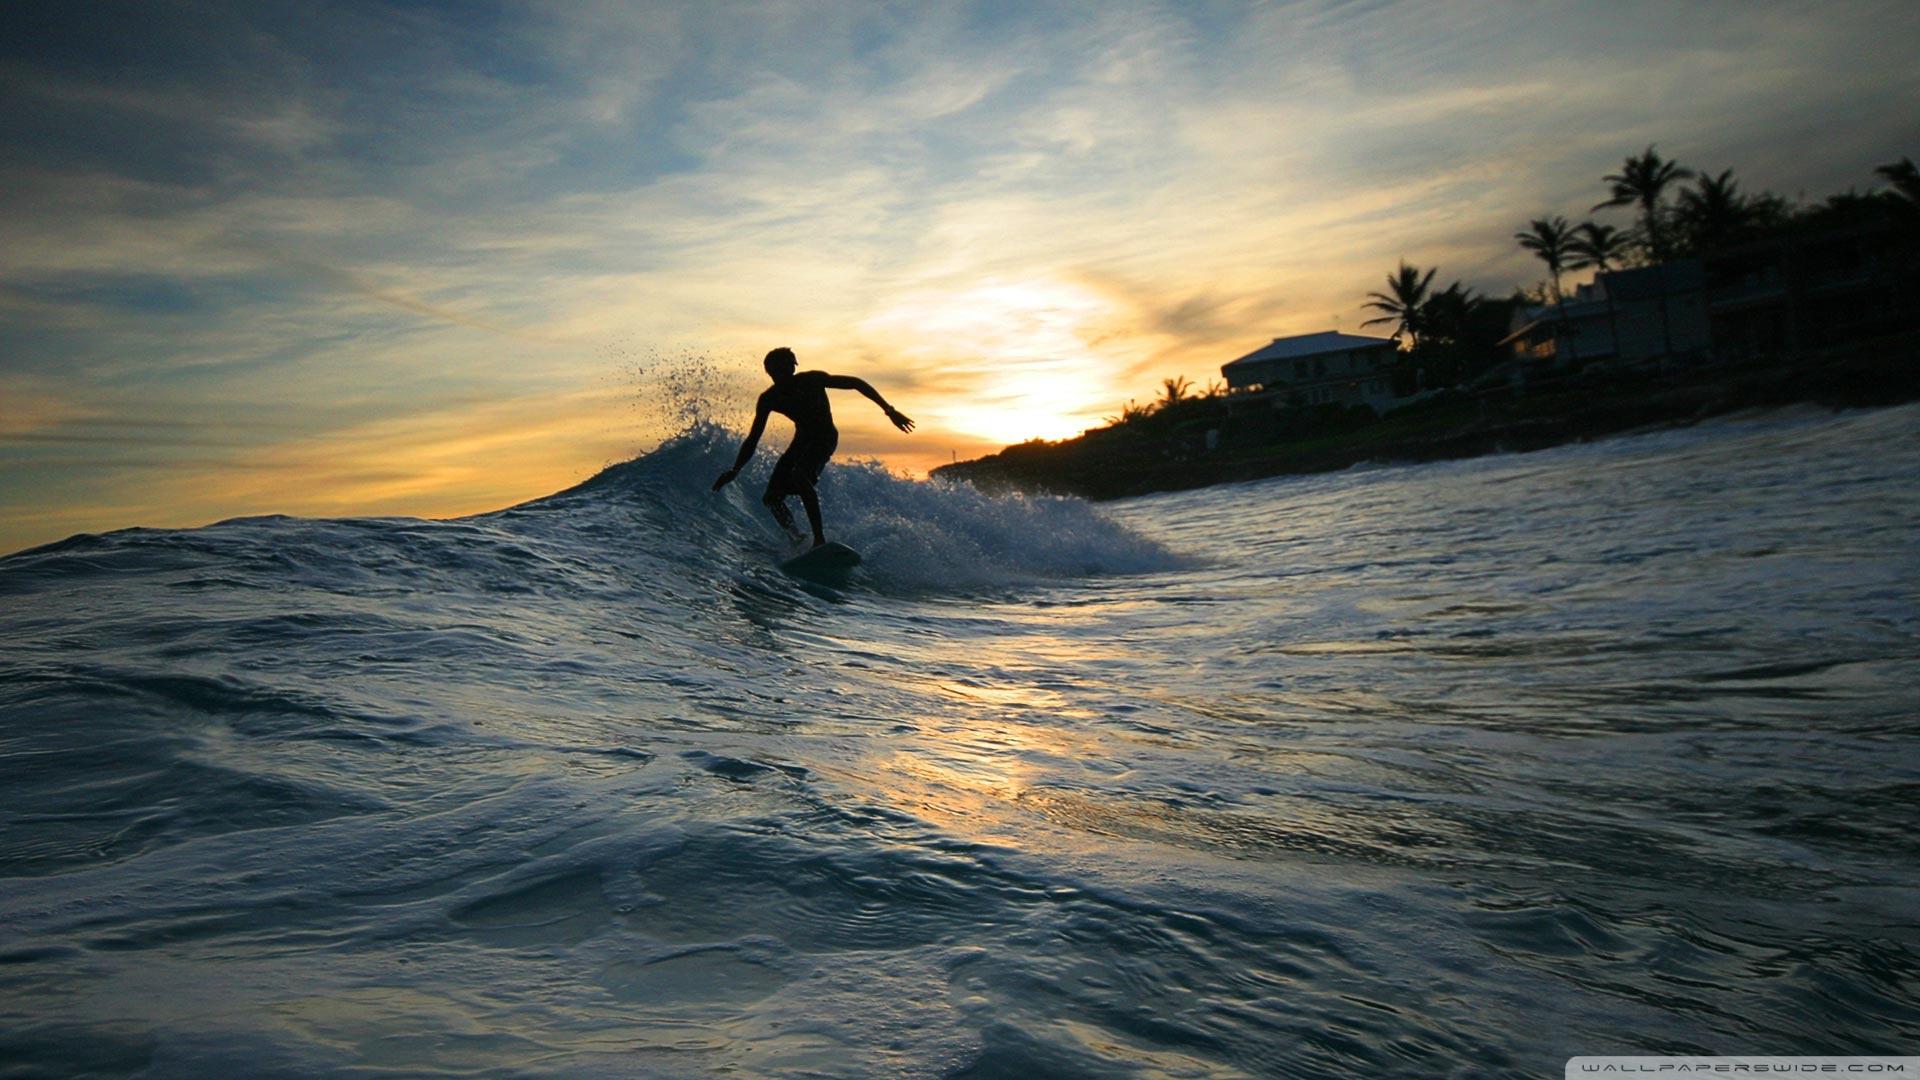 wallpaper surf hd gratuit 224 t233l233charger sur ngn mag